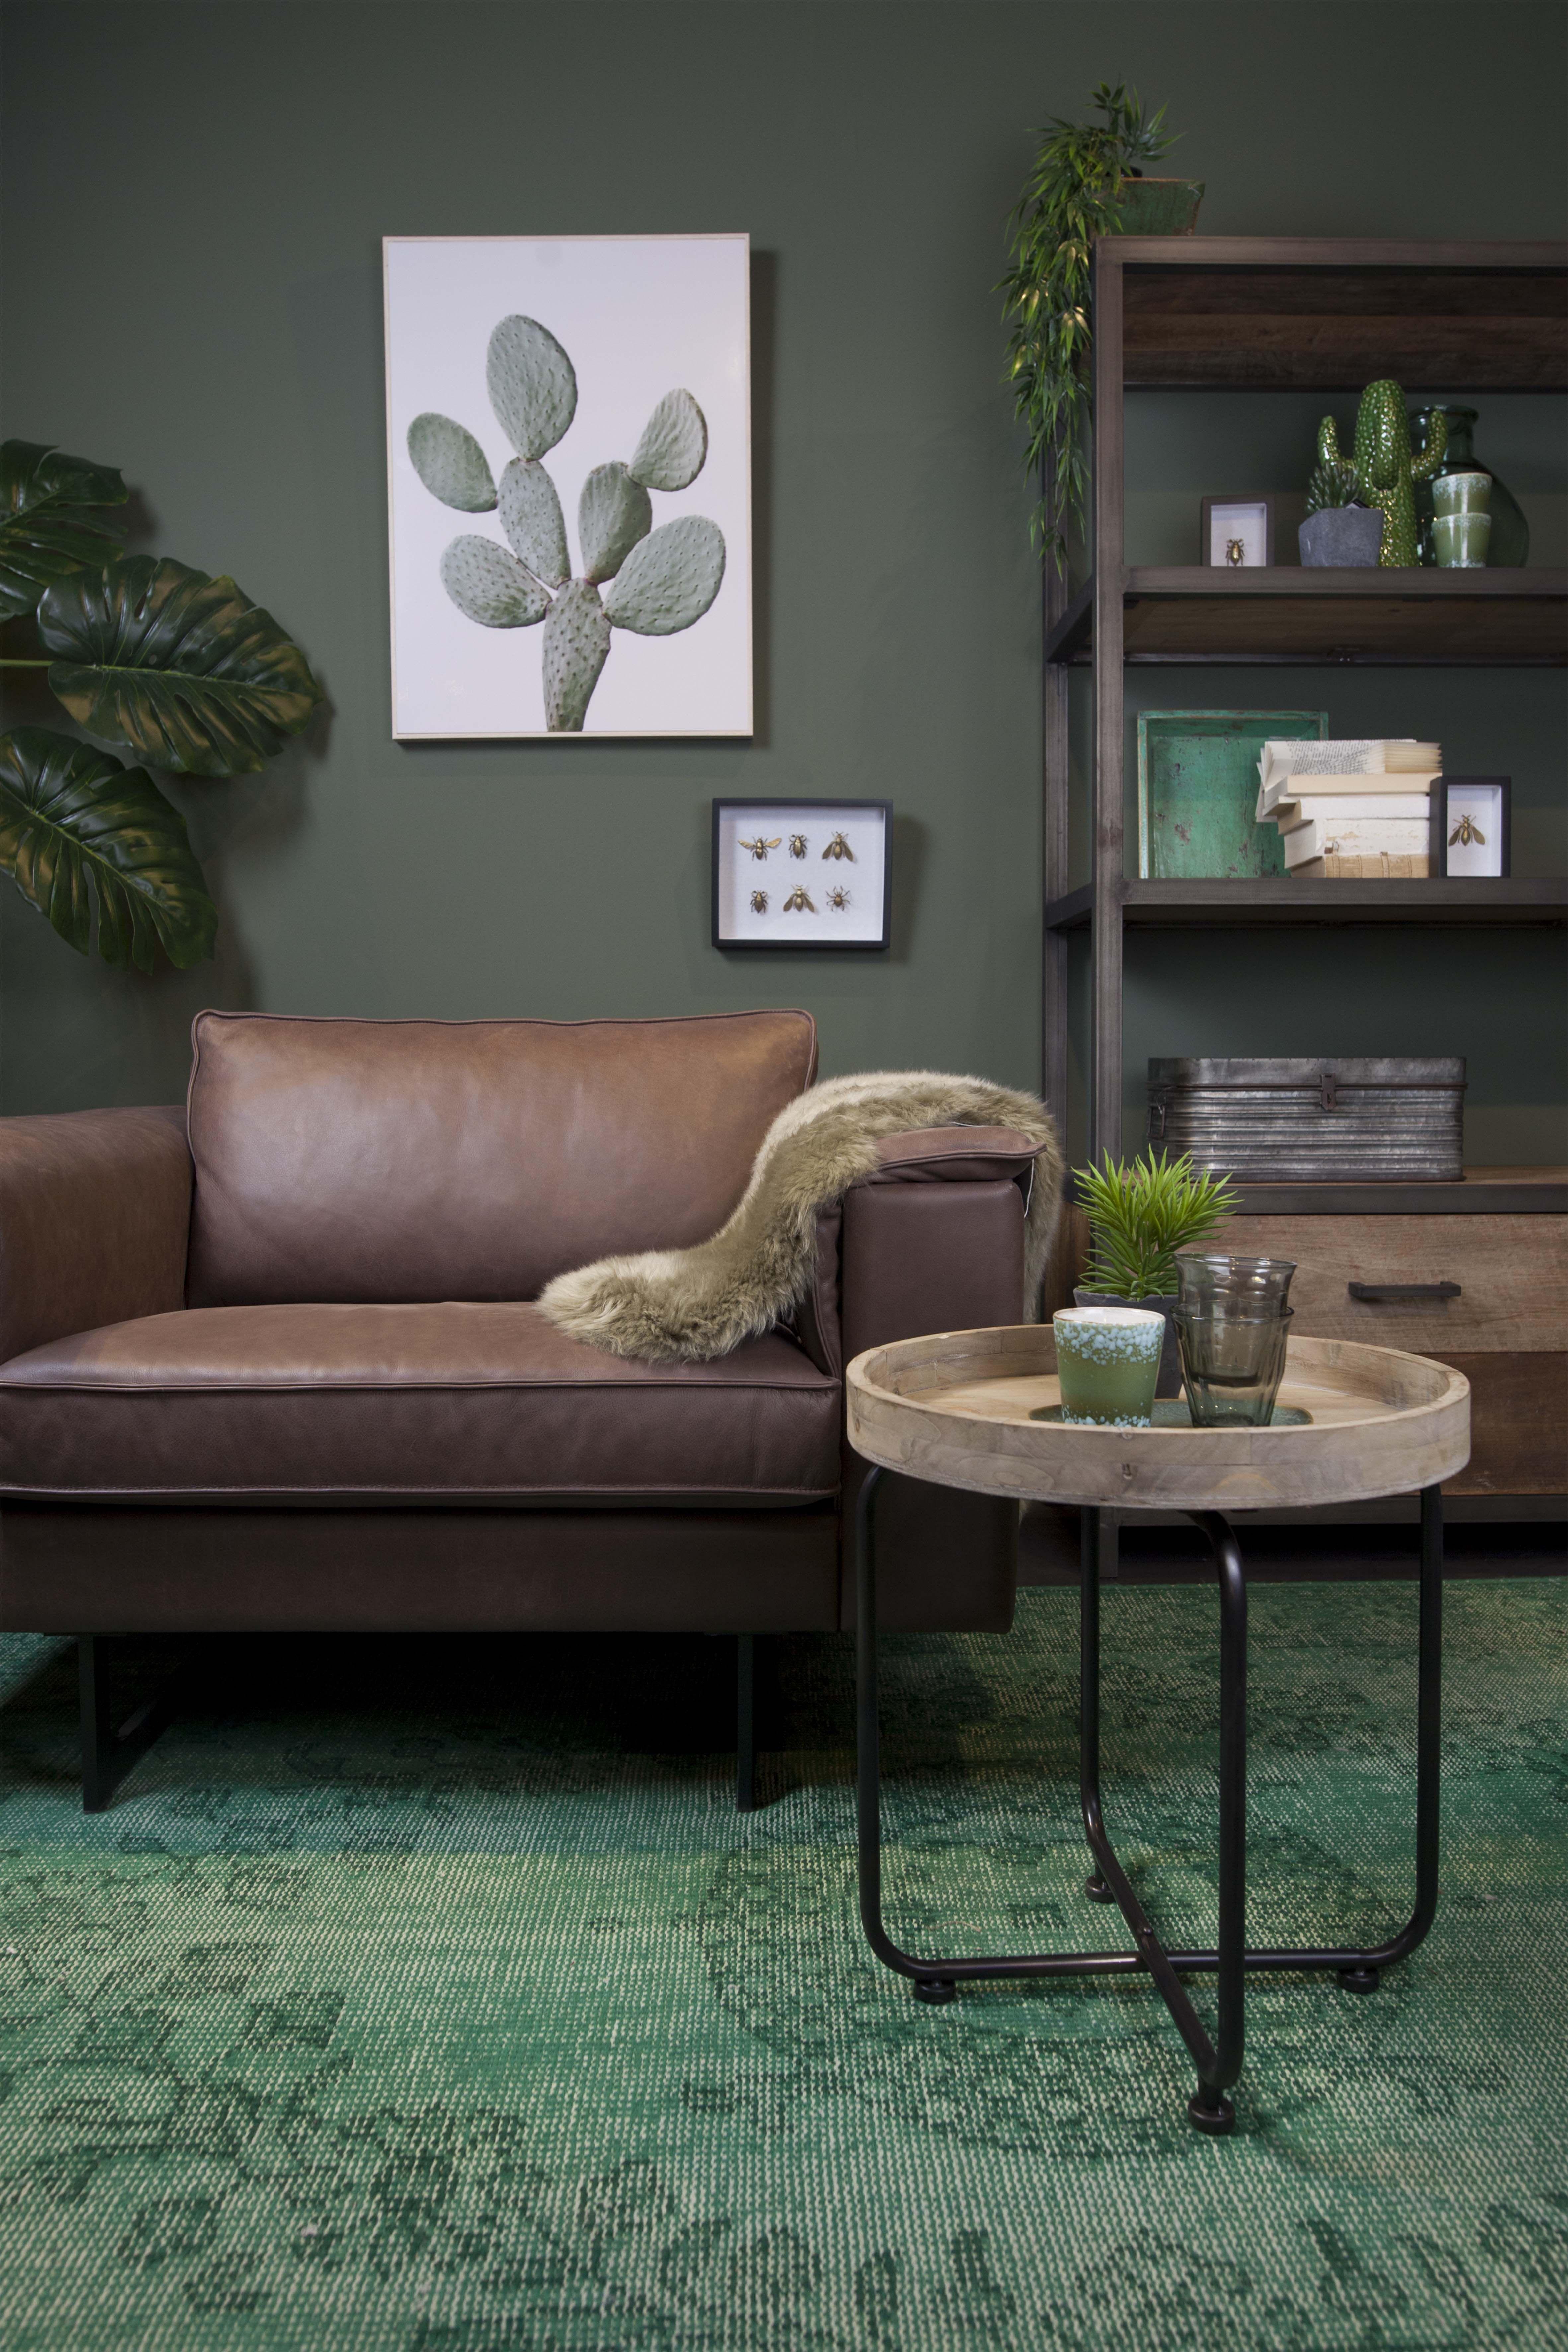 URBAN JUNGLE | Groen in je interieur is terug van weggeweest. In de ...